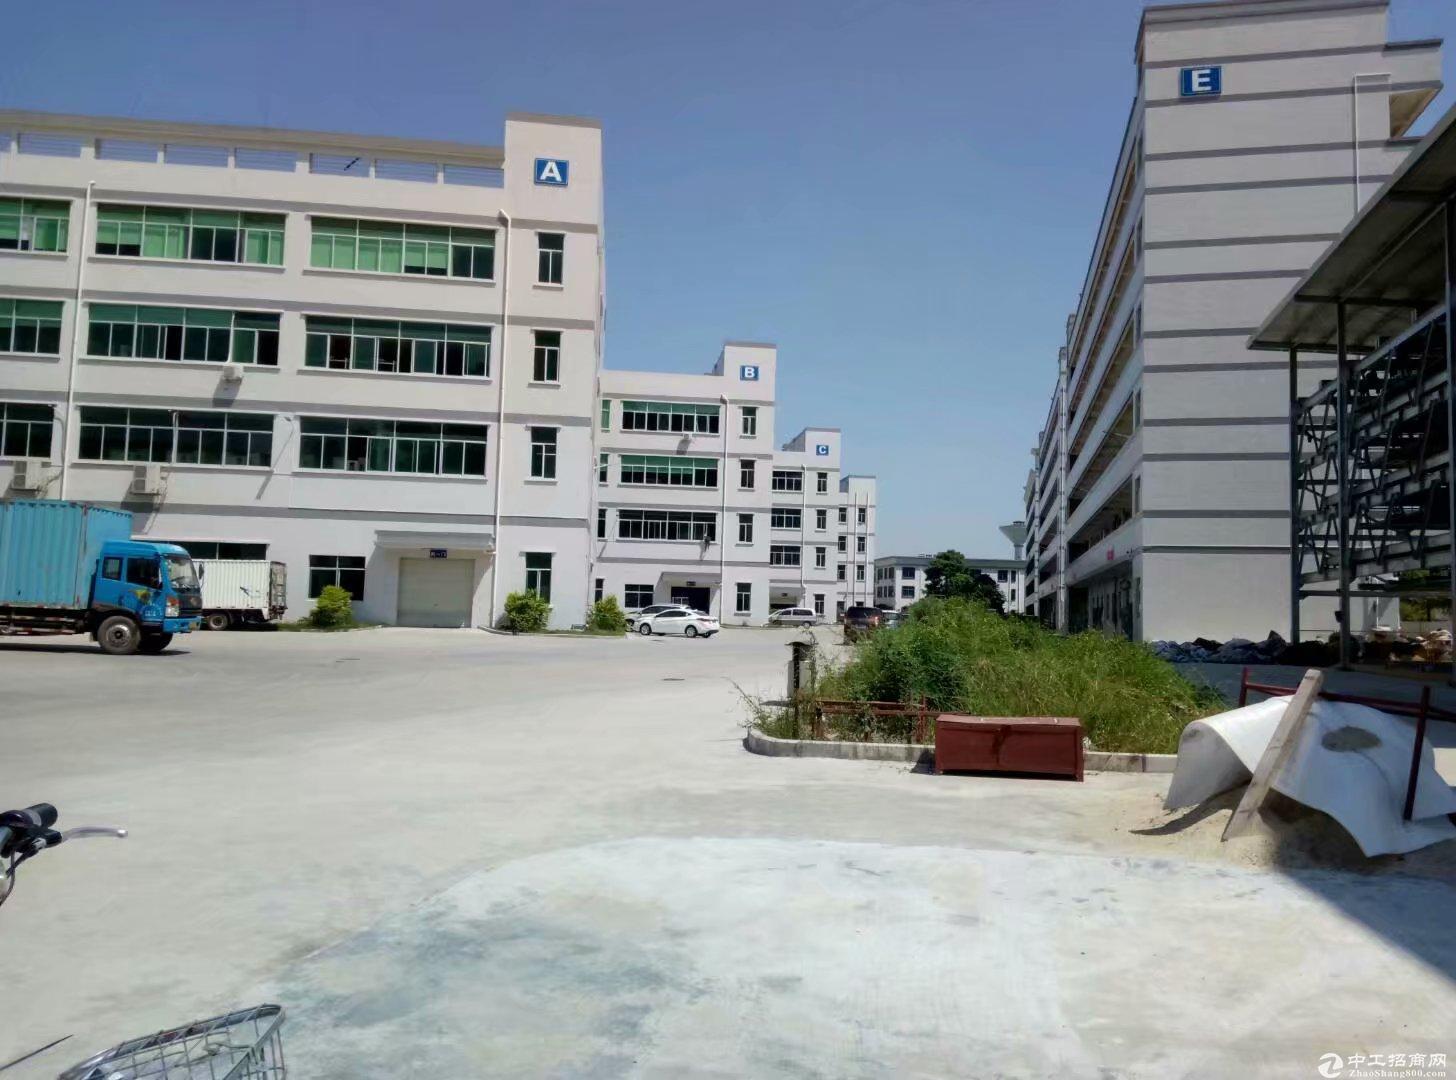 塘厦大坪高速出口电商产业园新出楼上650平方适合仓库行业